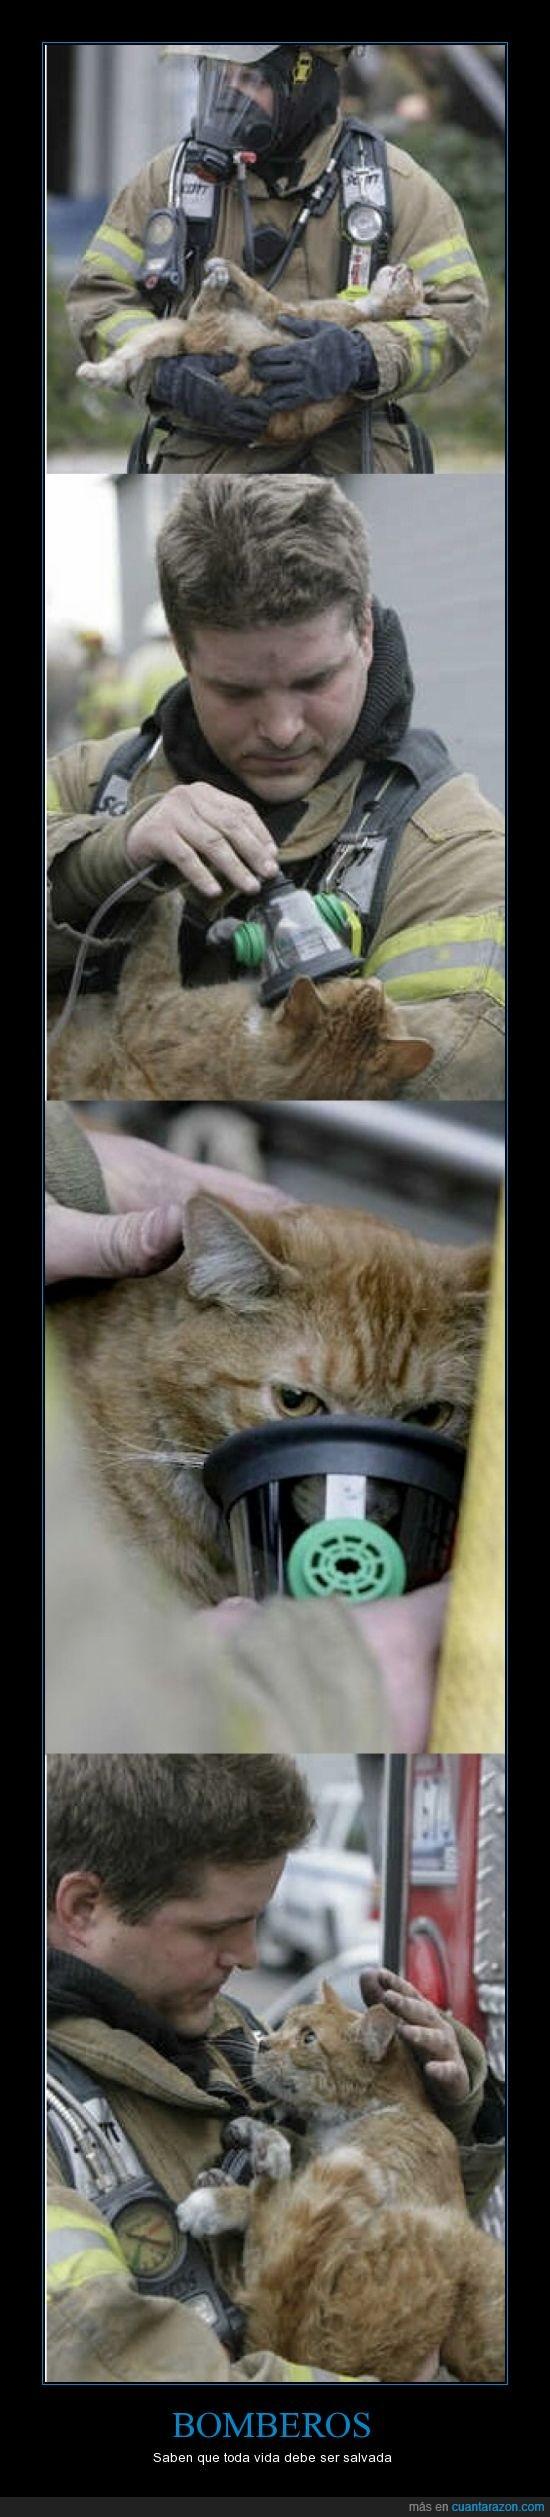 bomberos,gatos,oxigeno,paramédico,salvar